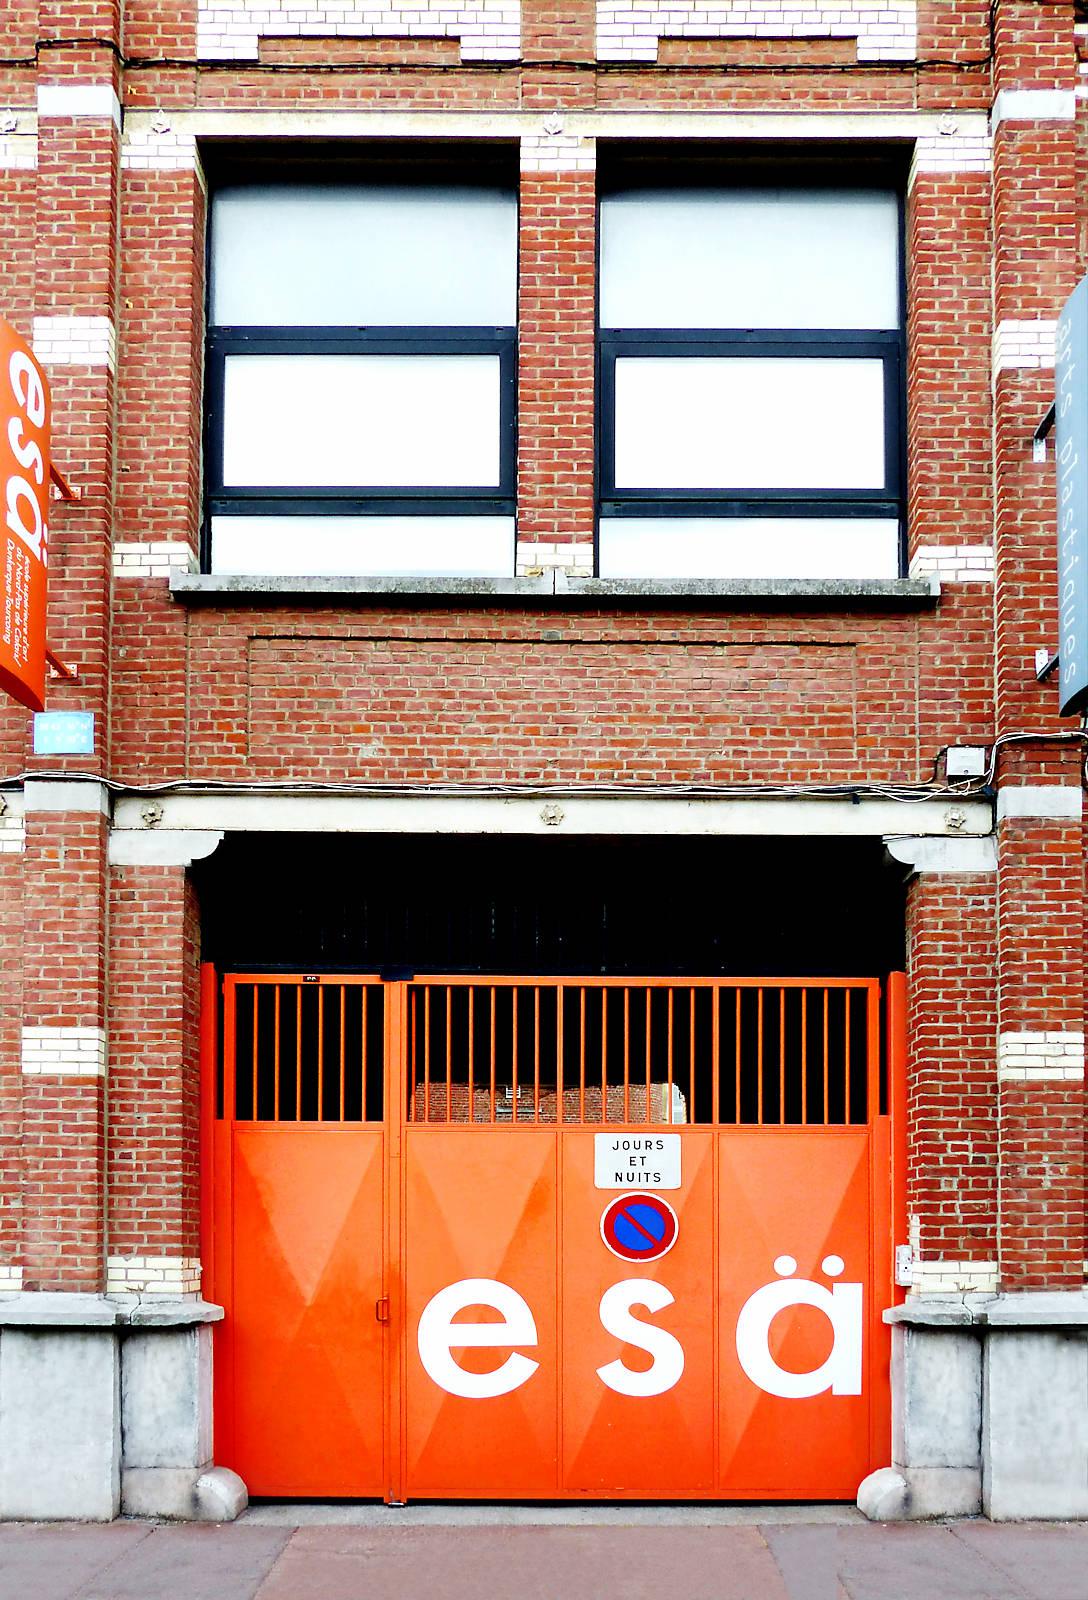 Entrée esä - Tourcoing, rue des Ursulines